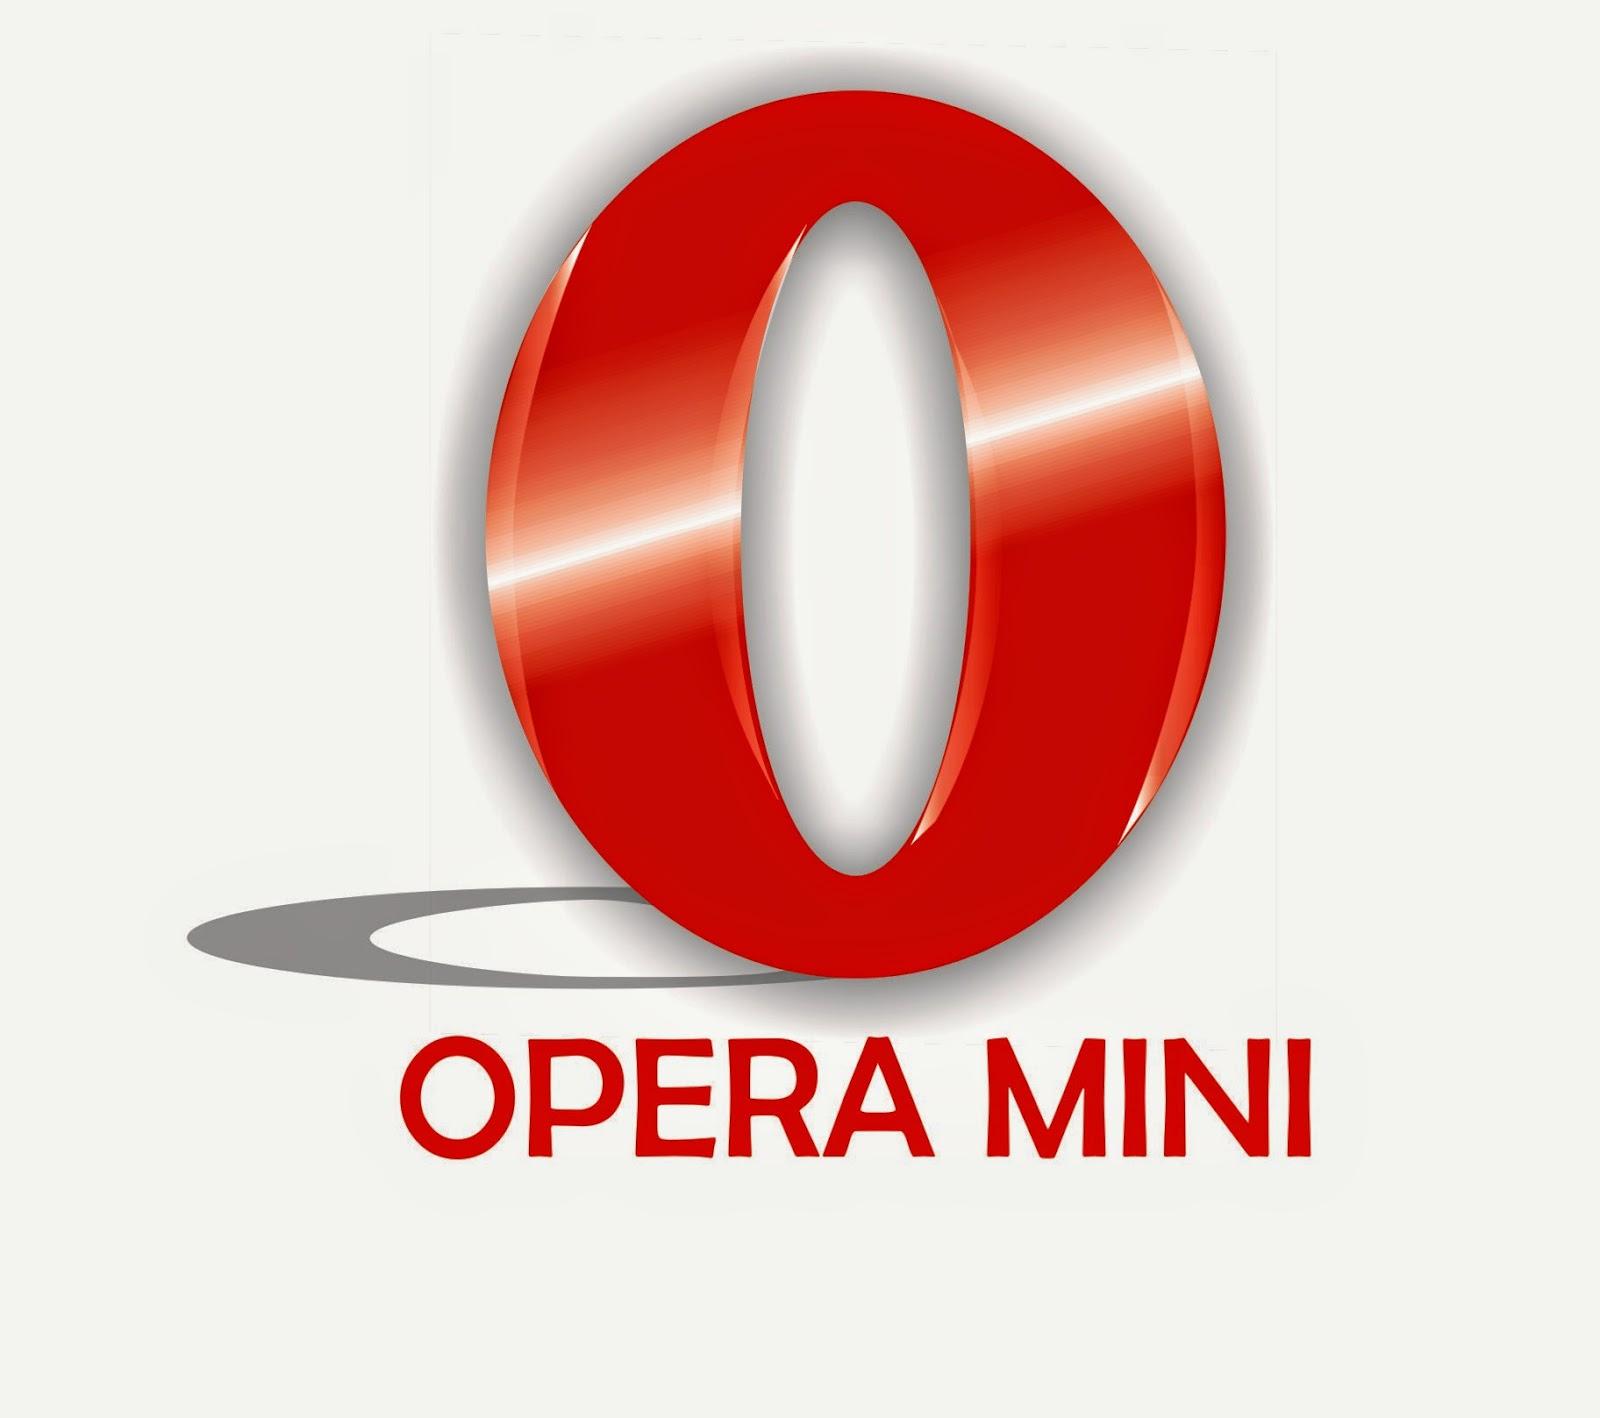 download opera mini 4.5 java jar